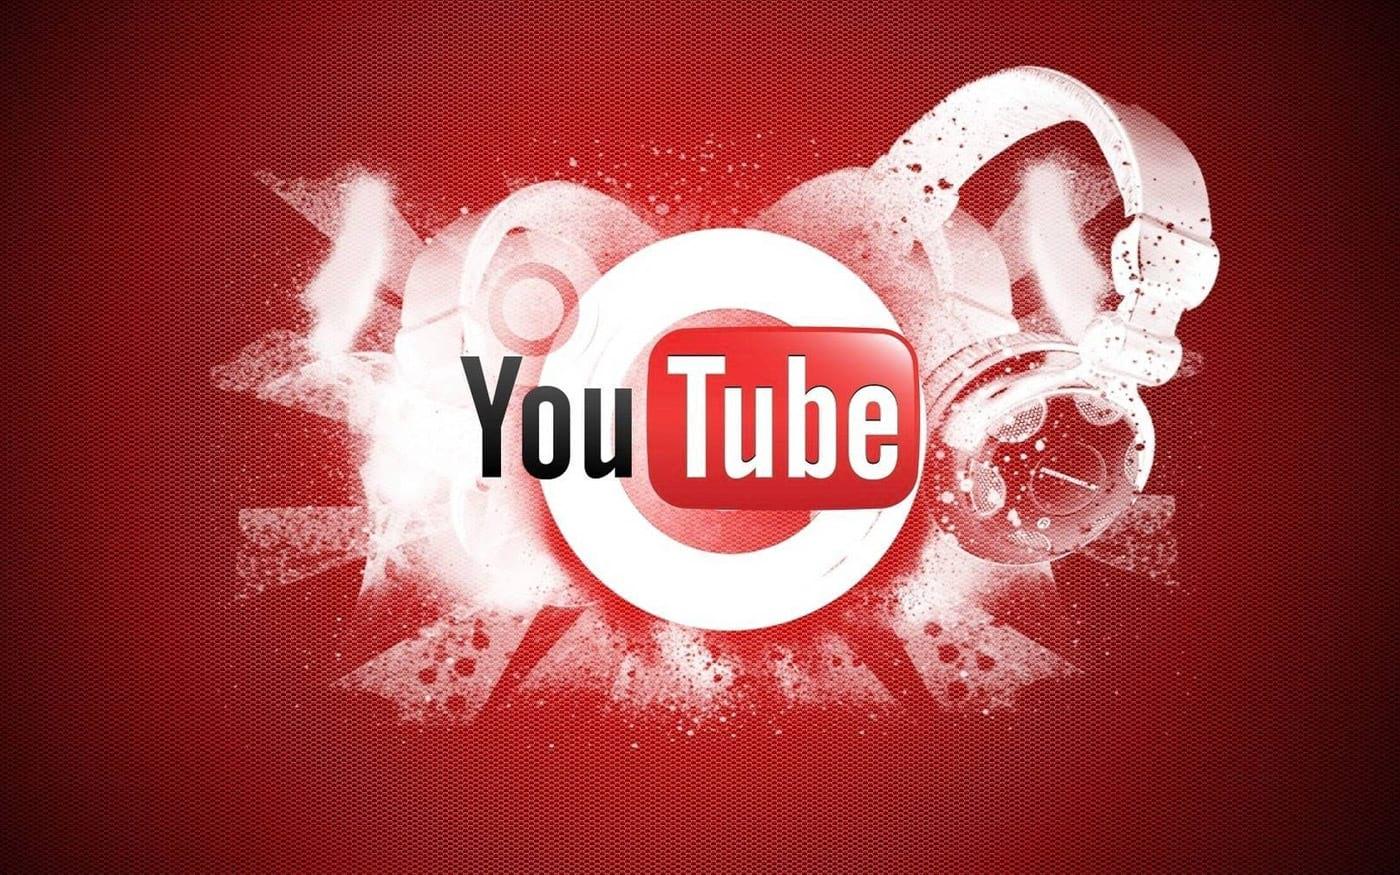 Os 10 maiores canais do YouTube